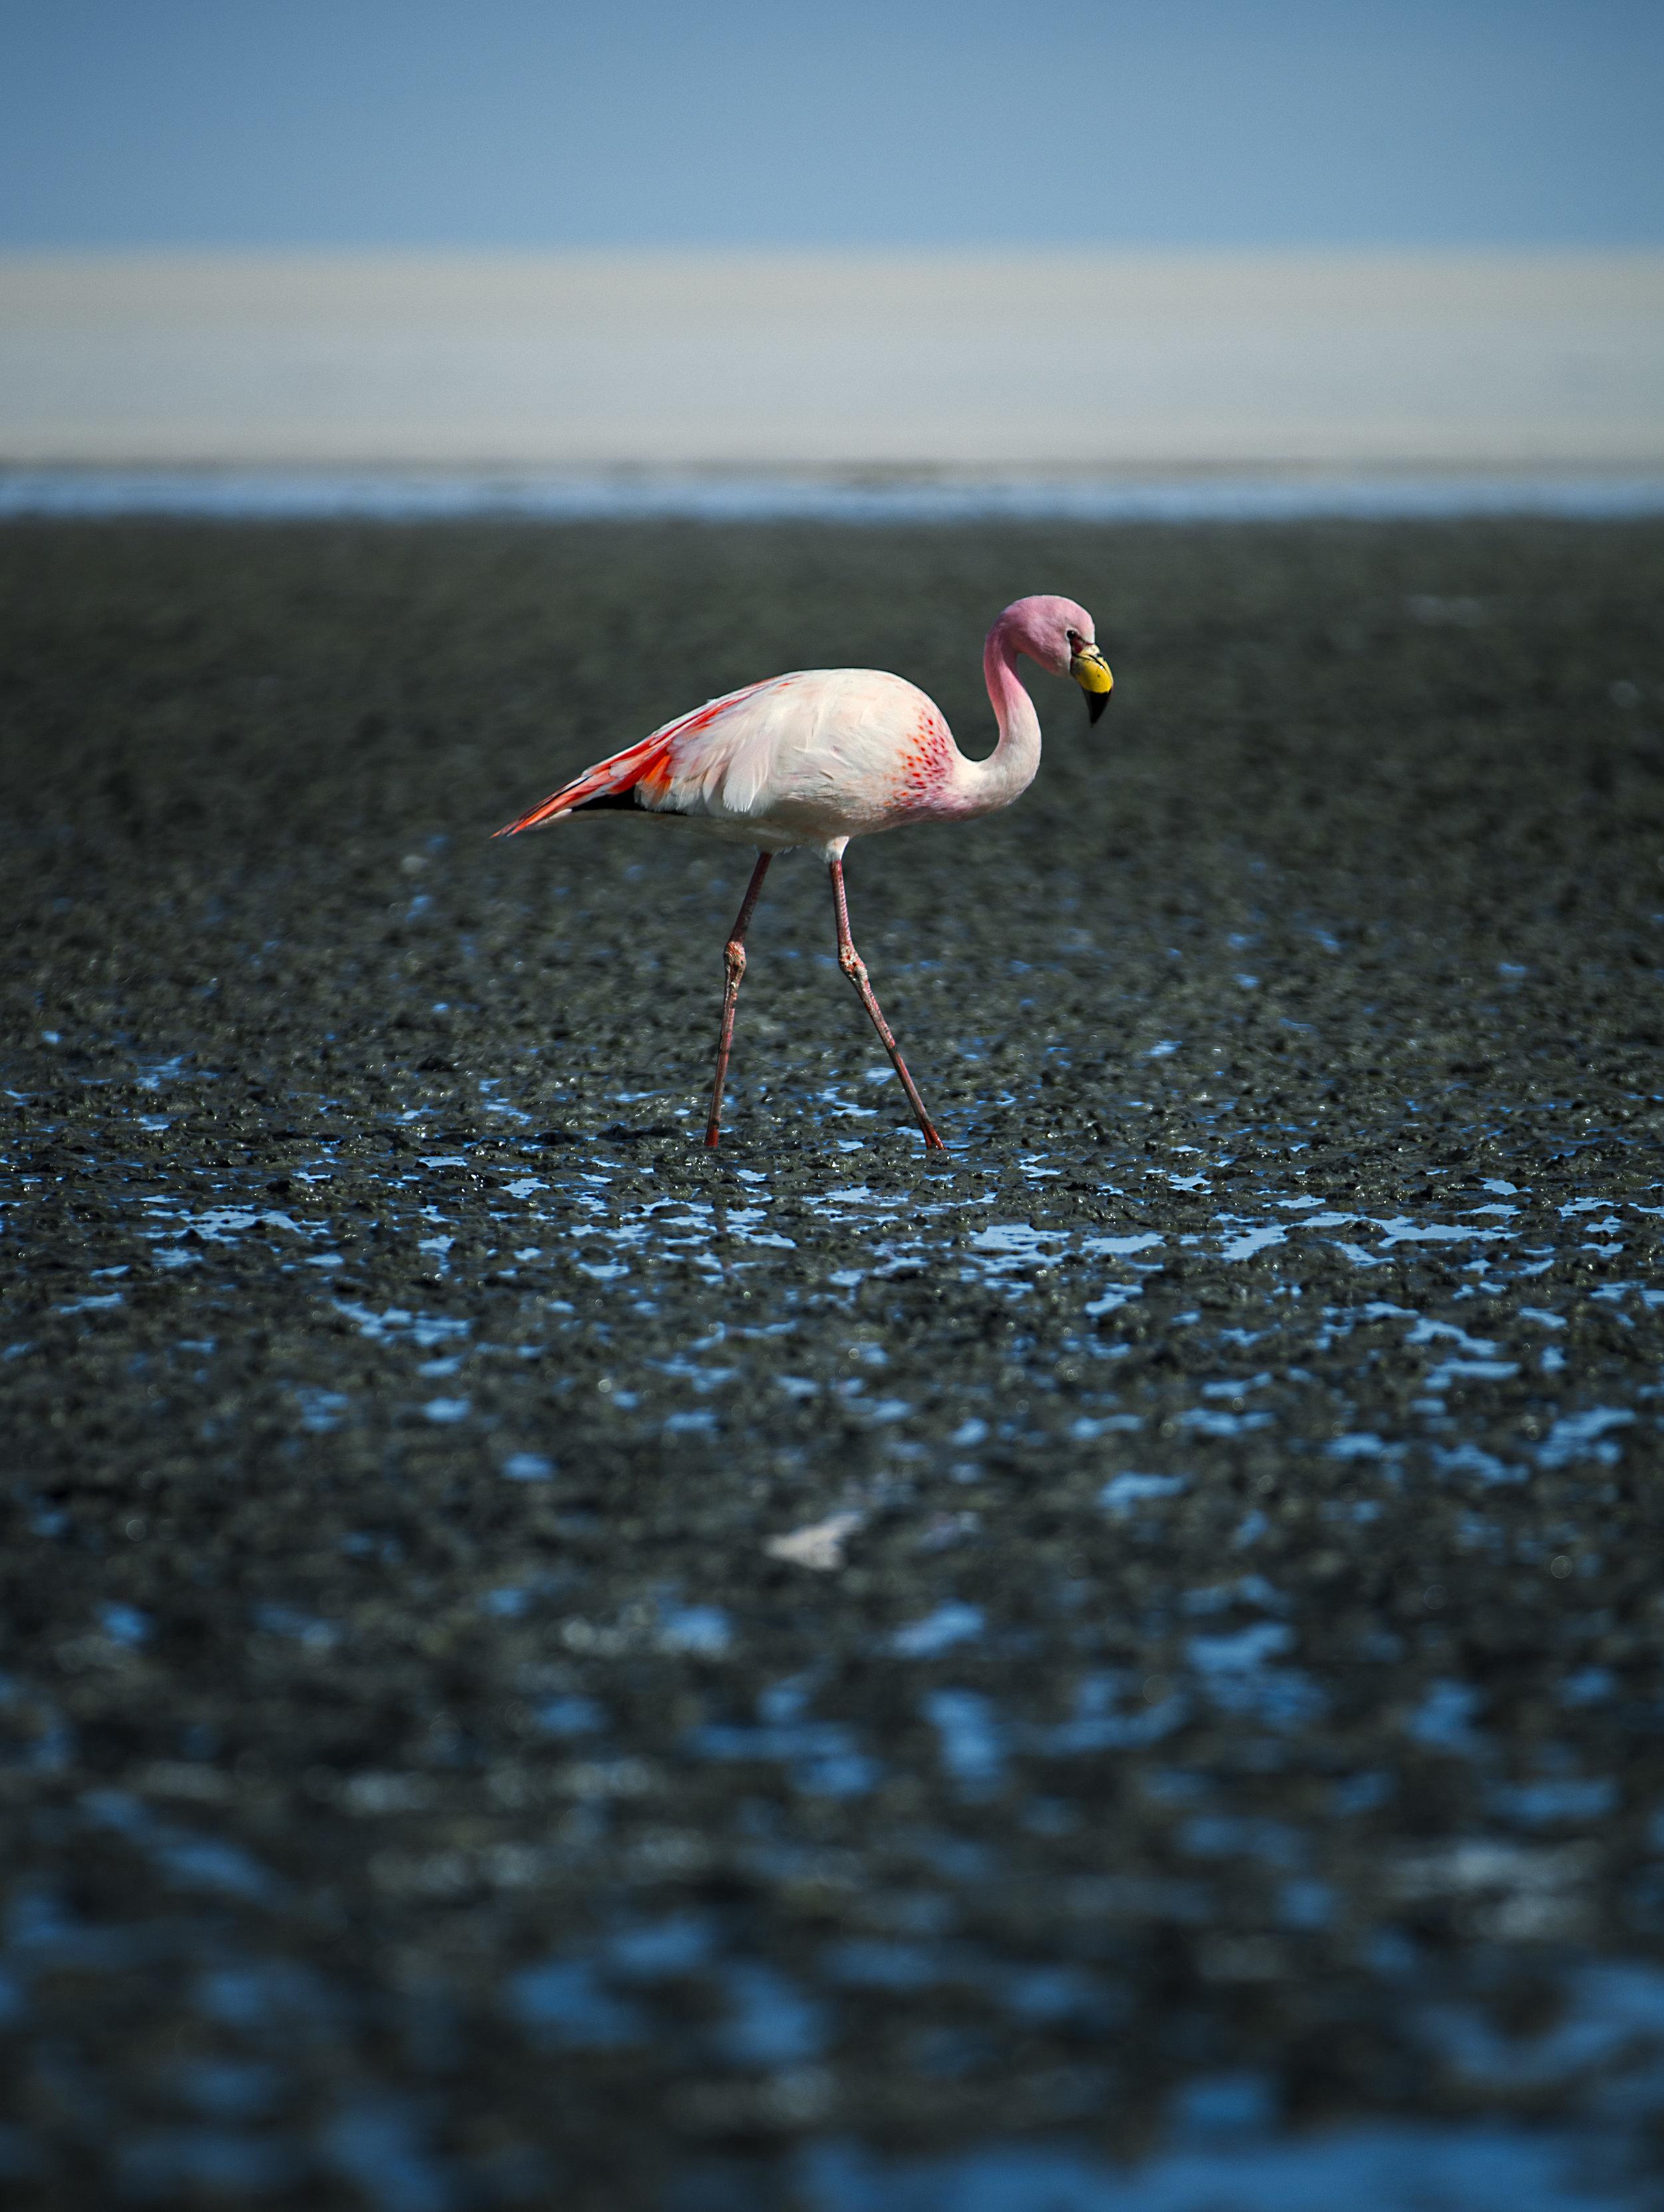 Simon+Needham+Photography+Salt+Flats+10.jpg